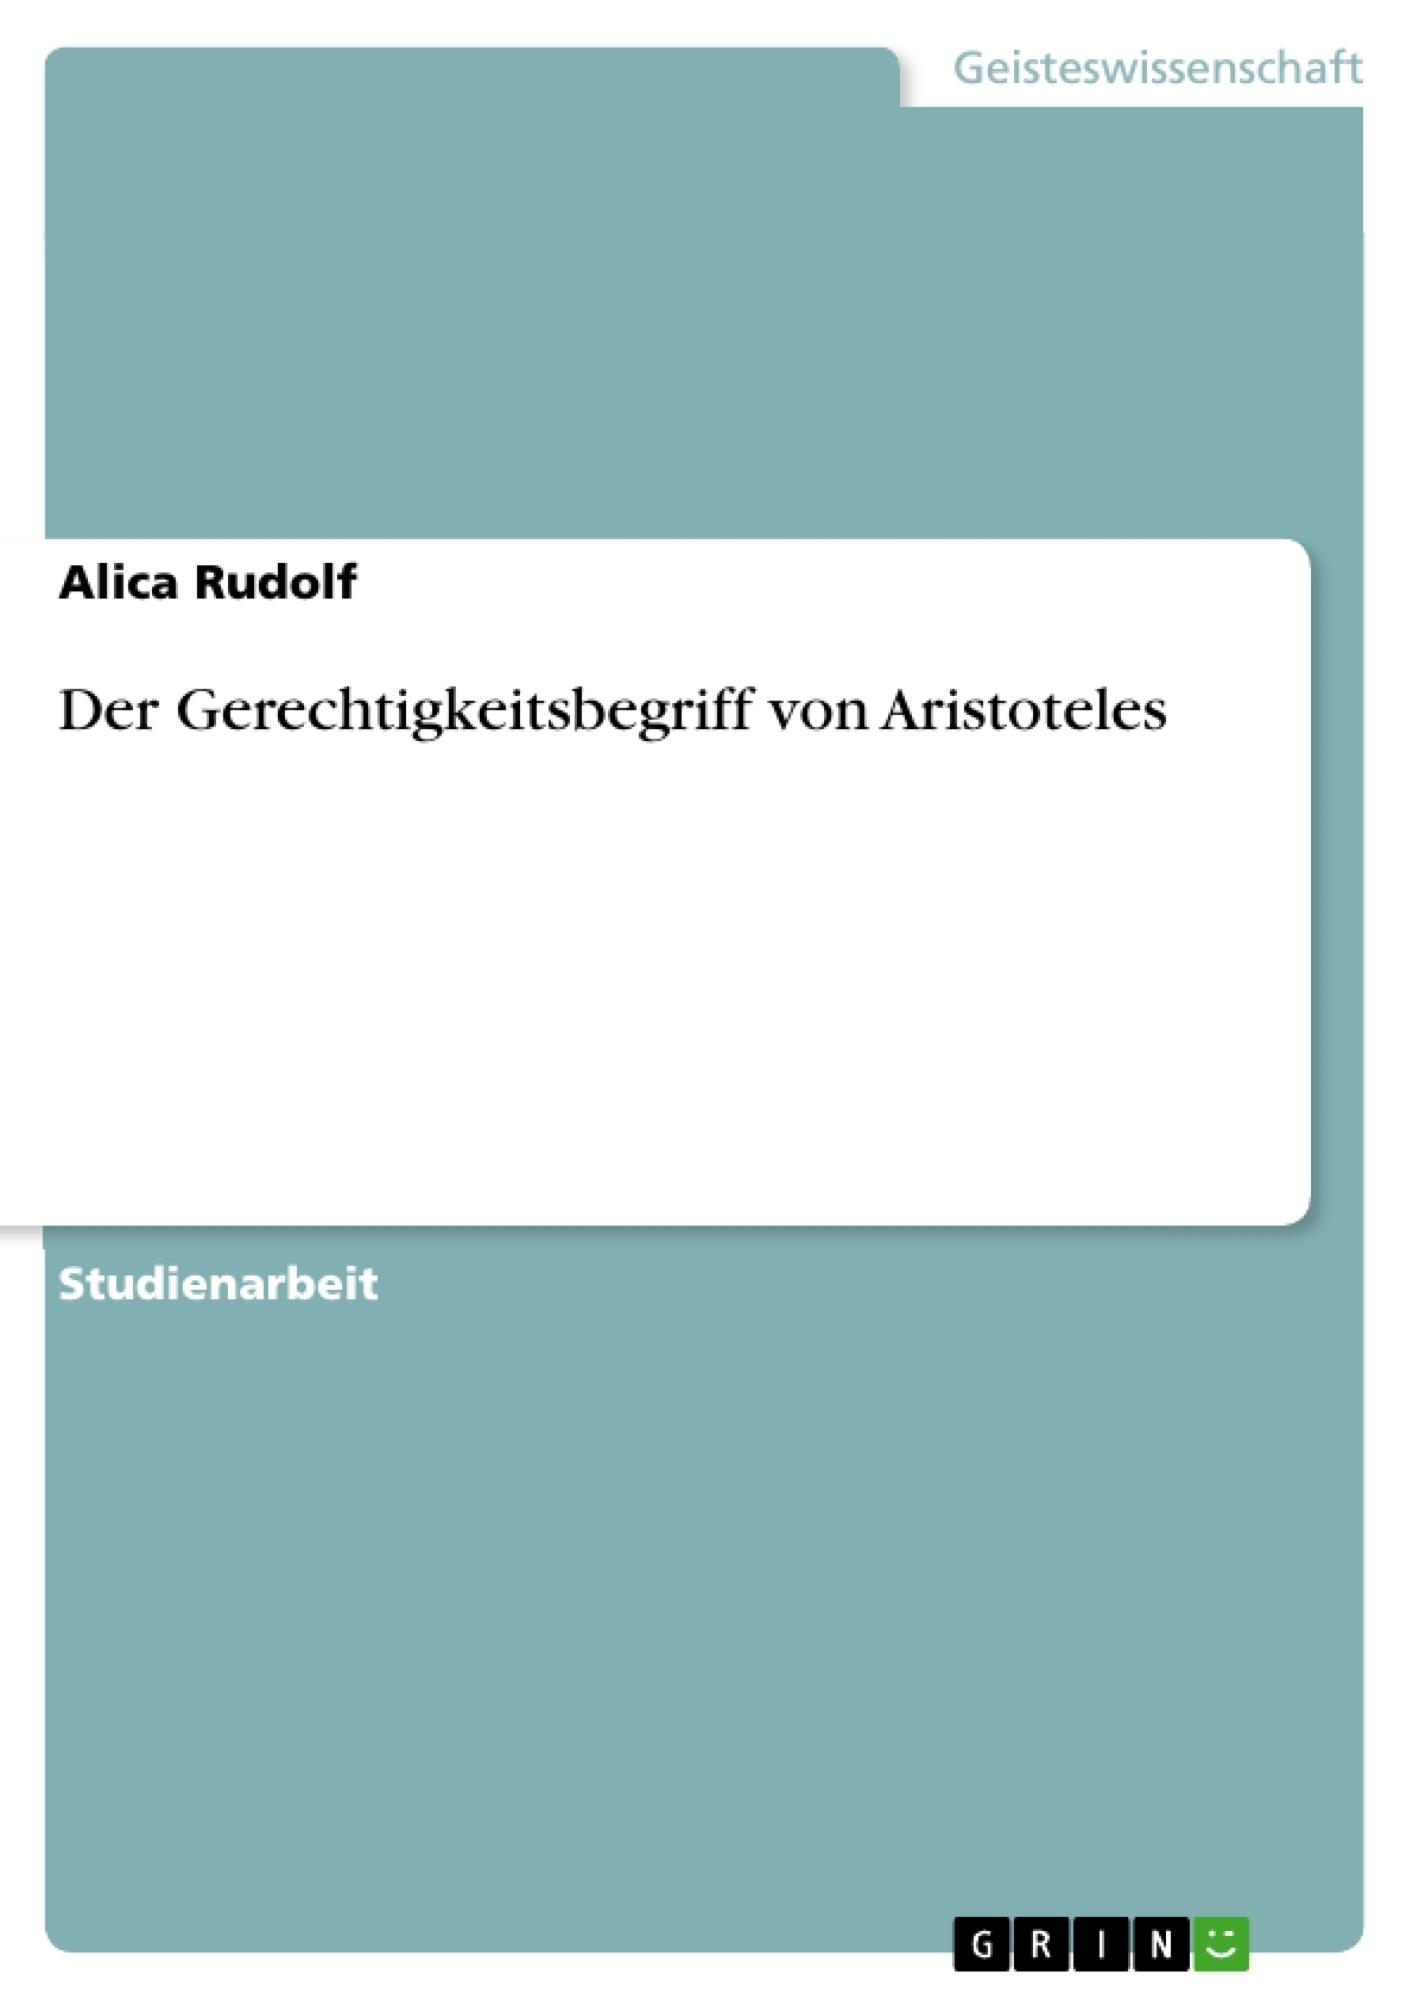 Titel: Der Gerechtigkeitsbegriff von Aristoteles